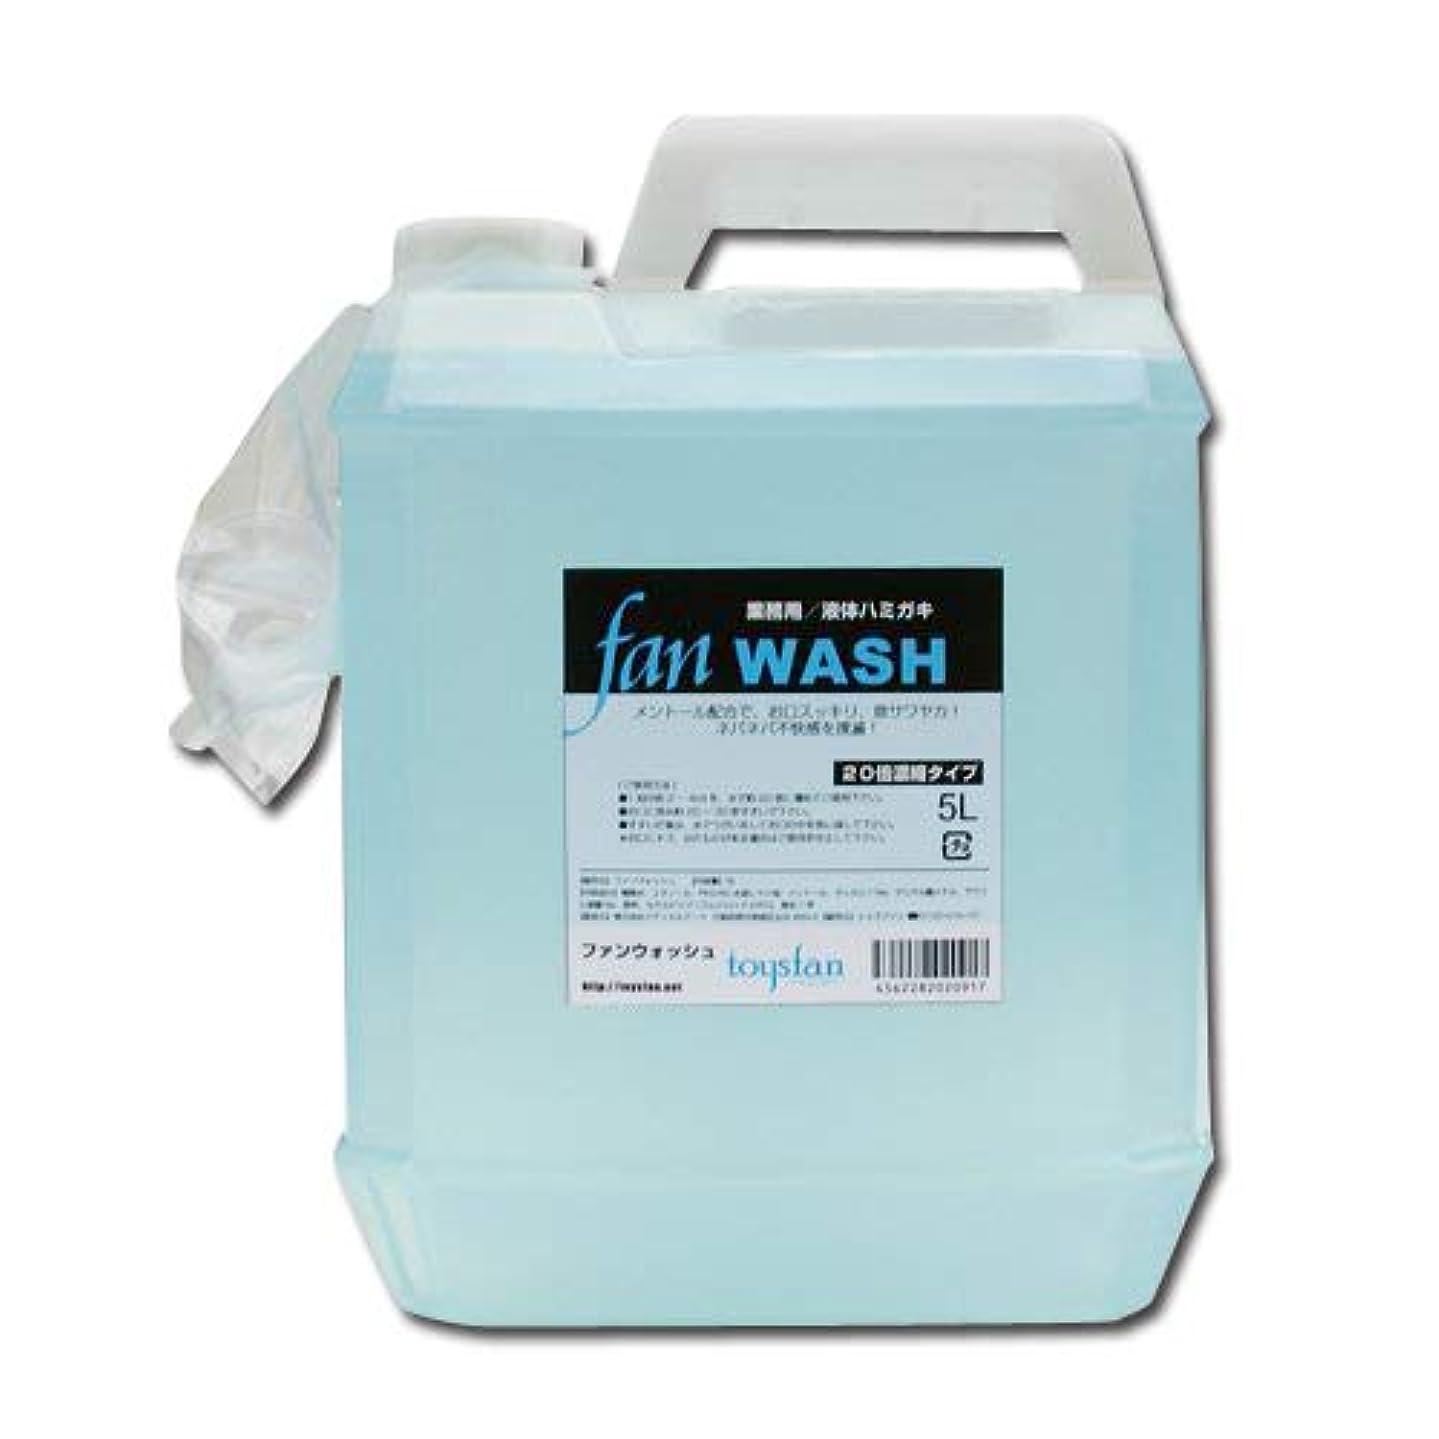 熟達した管理パドルファンウォッシュ 5L(20倍濃縮)業務用液体ハミガキ FAN WASHメントール配合│液体歯磨き大容量!うがい液